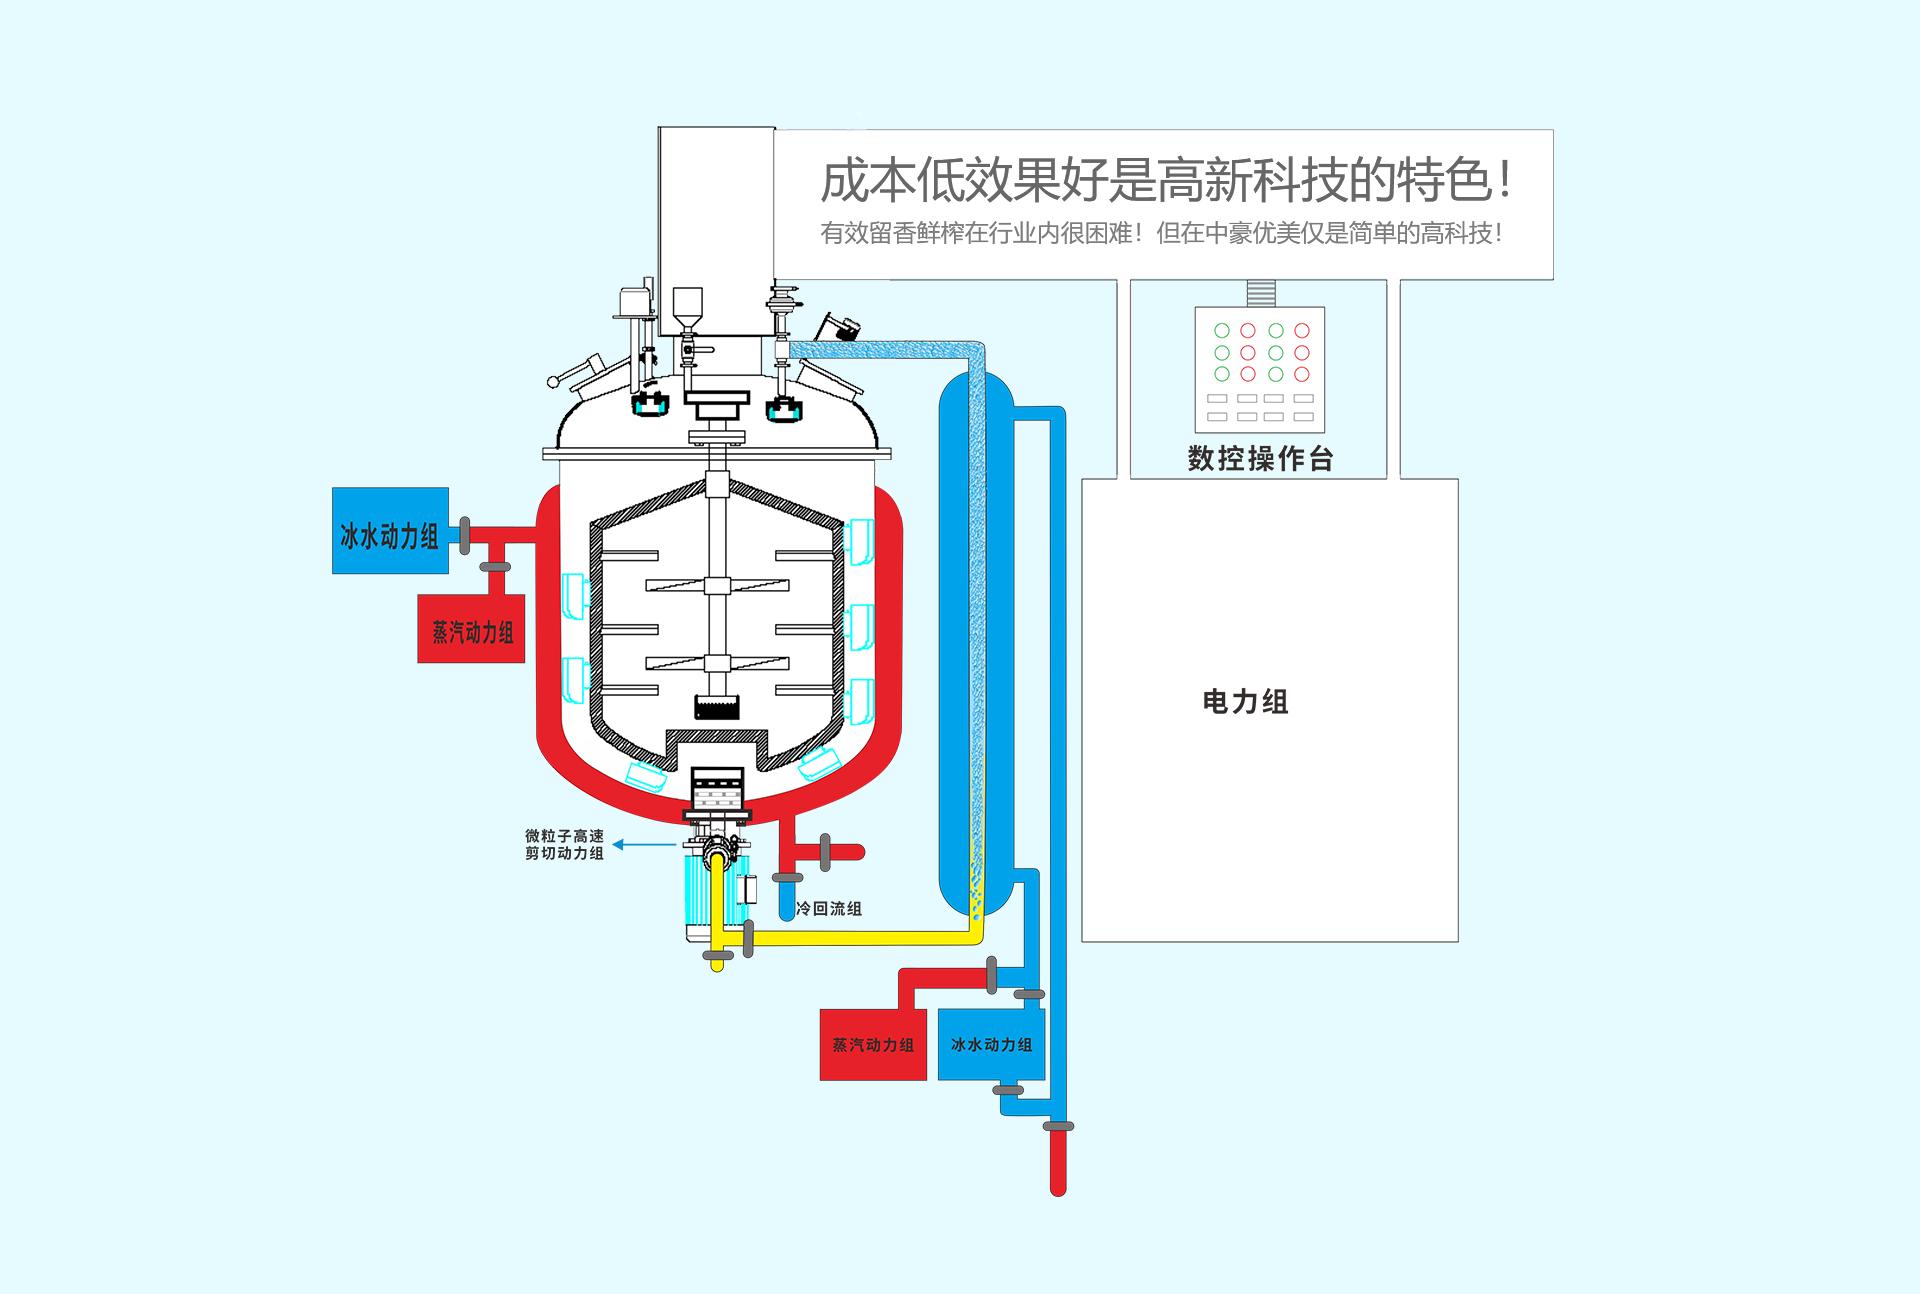 微胶囊生产工艺